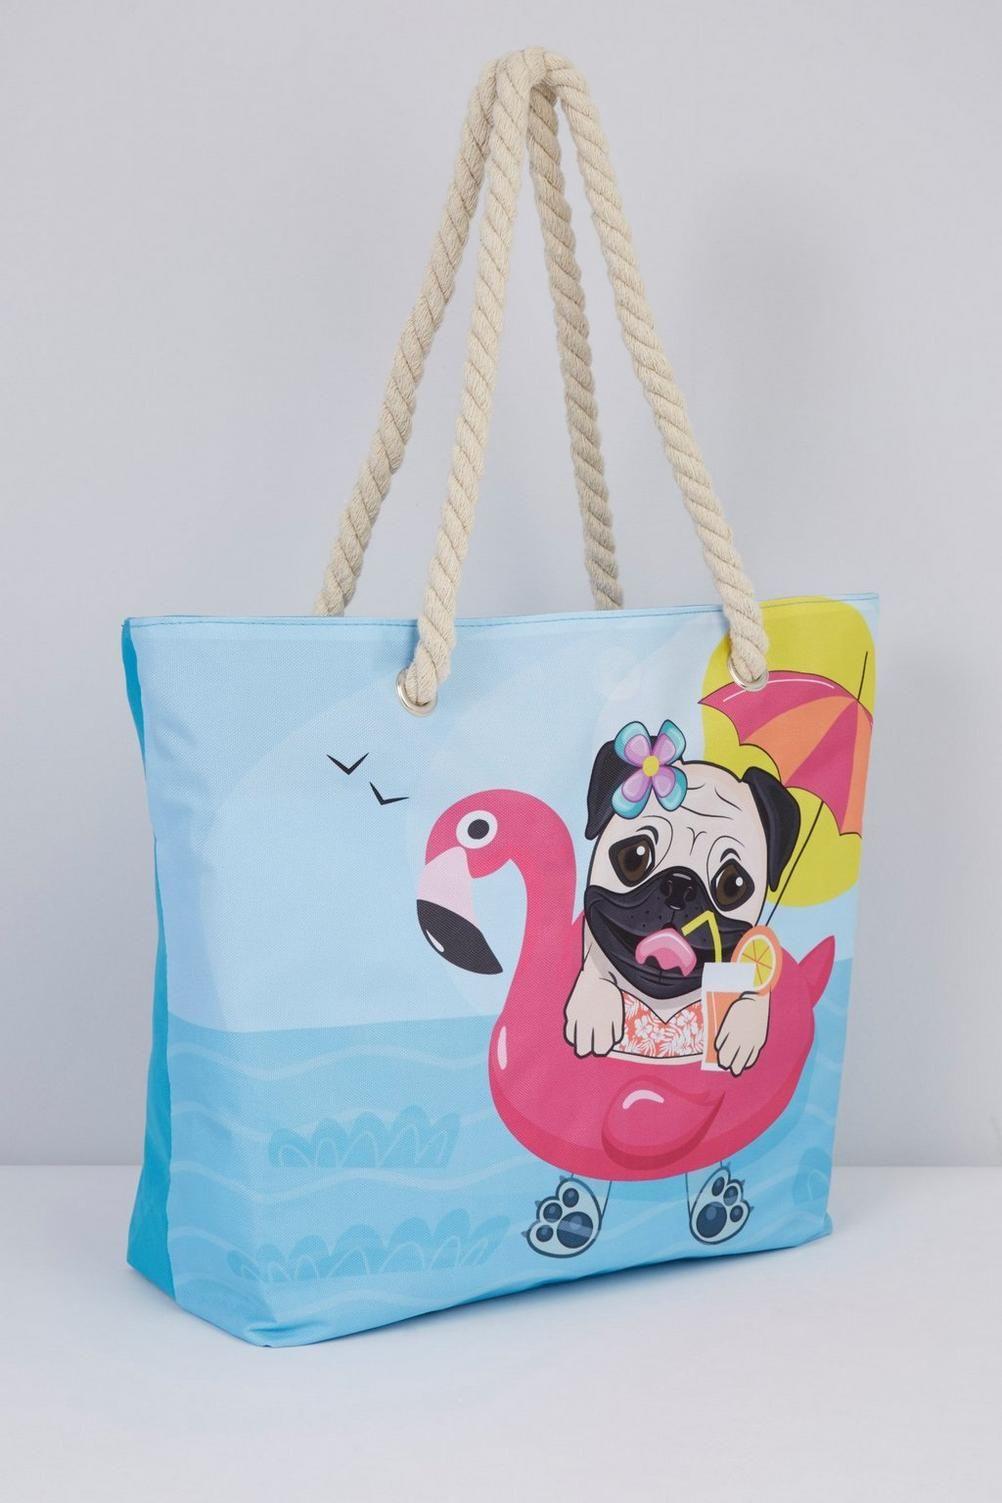 56a8e852b43e Image for Pug Beach Bag from studio   Flamingo!   Flamingo beach ...